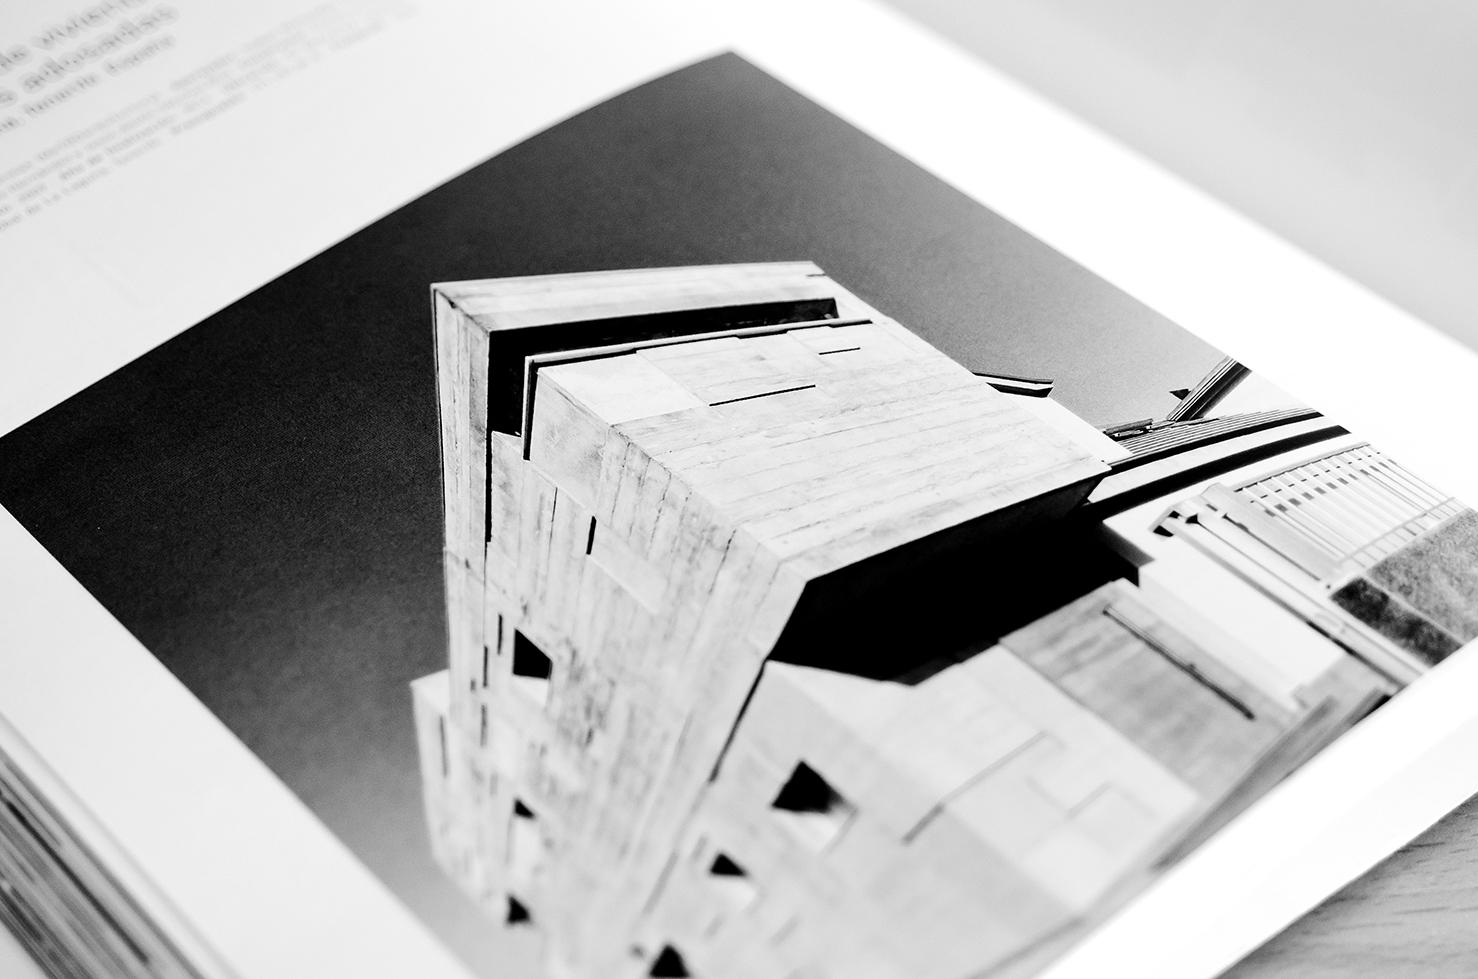 Catálogo (7) copia.jpg